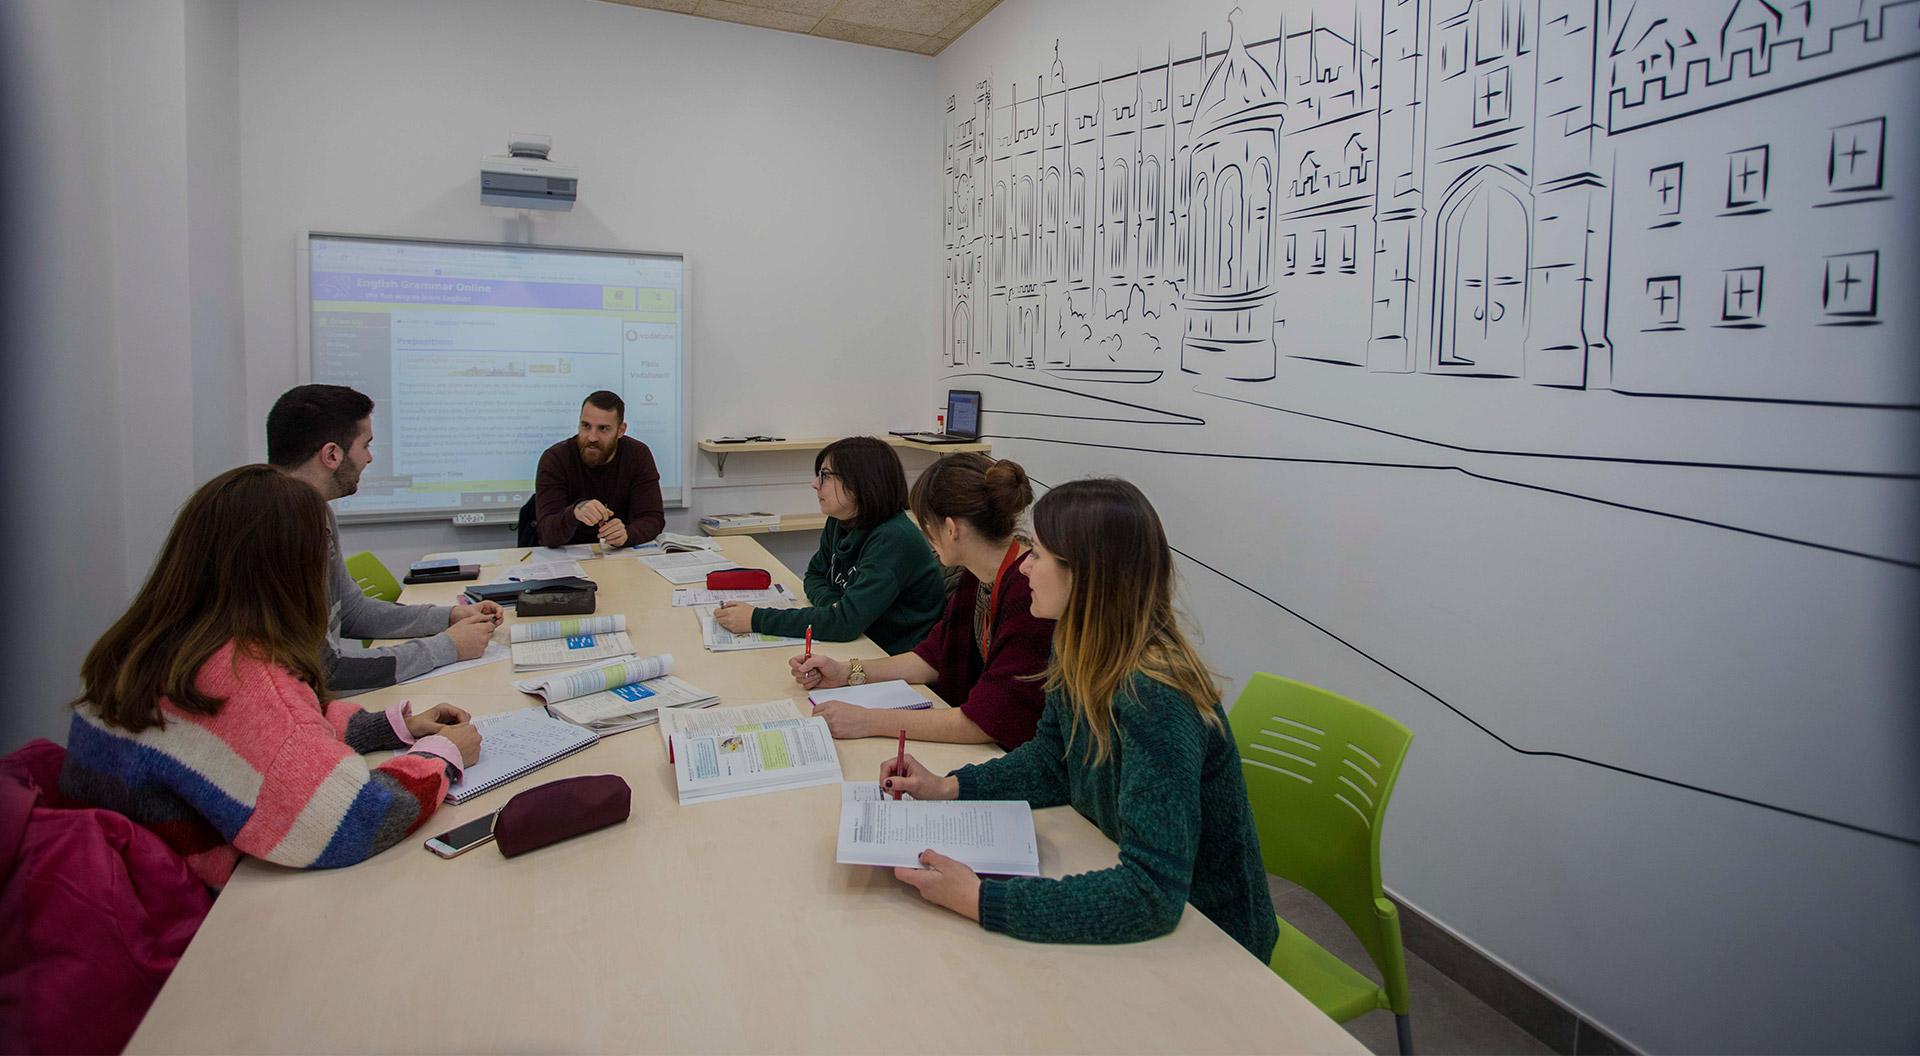 Academia de inglés en Castellón